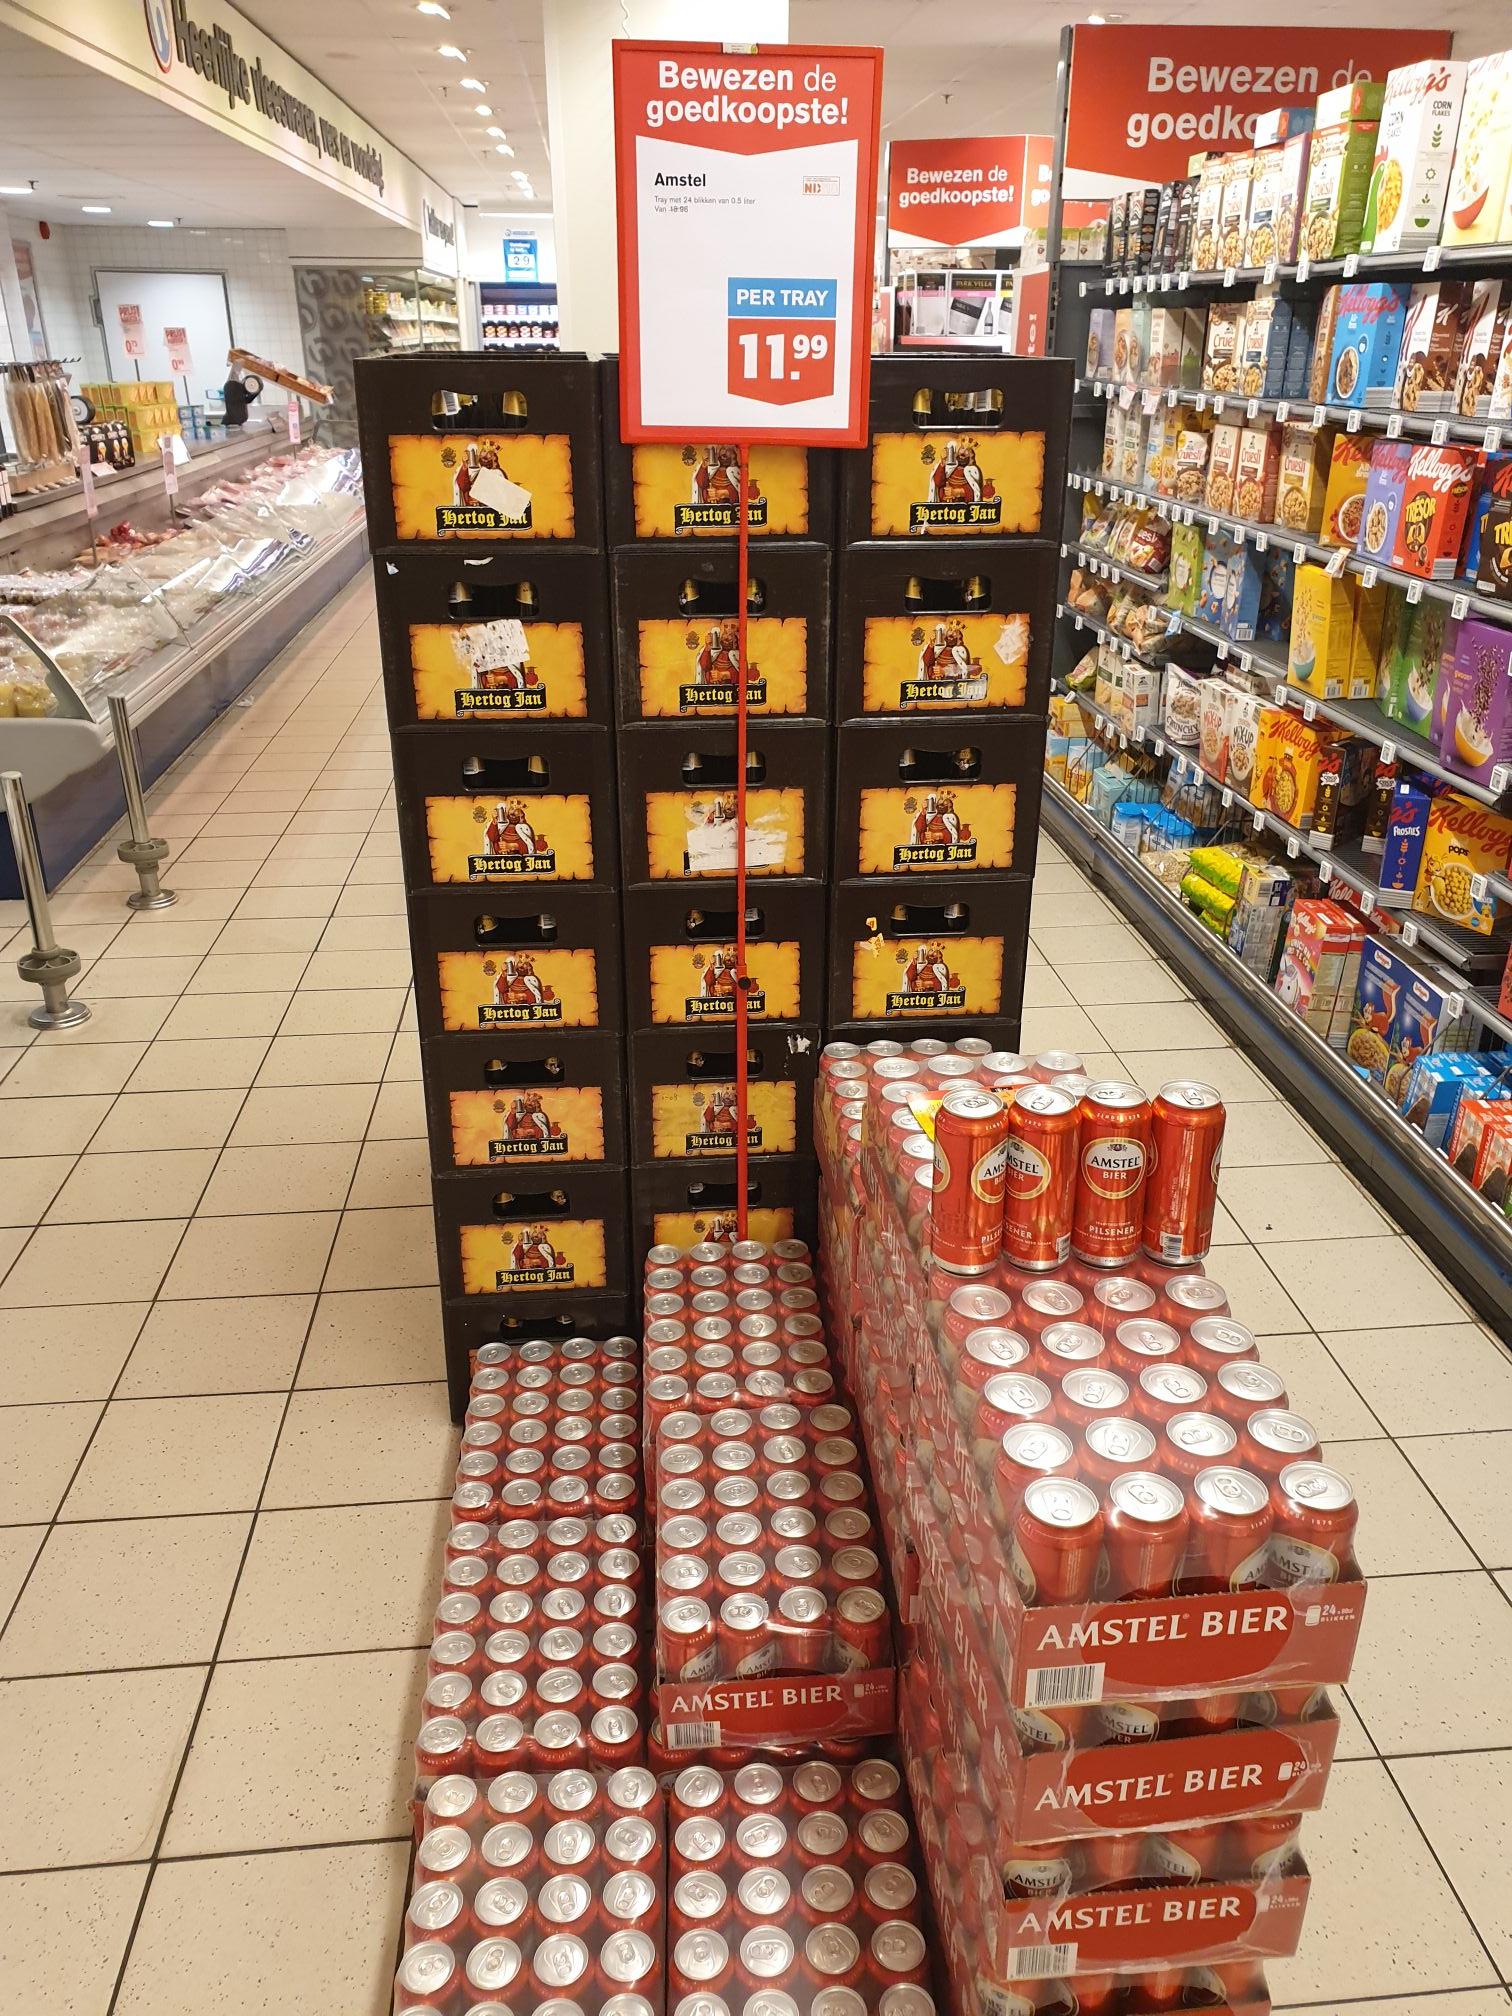 24 halve liter blikken Amstel voor slechts 11,99